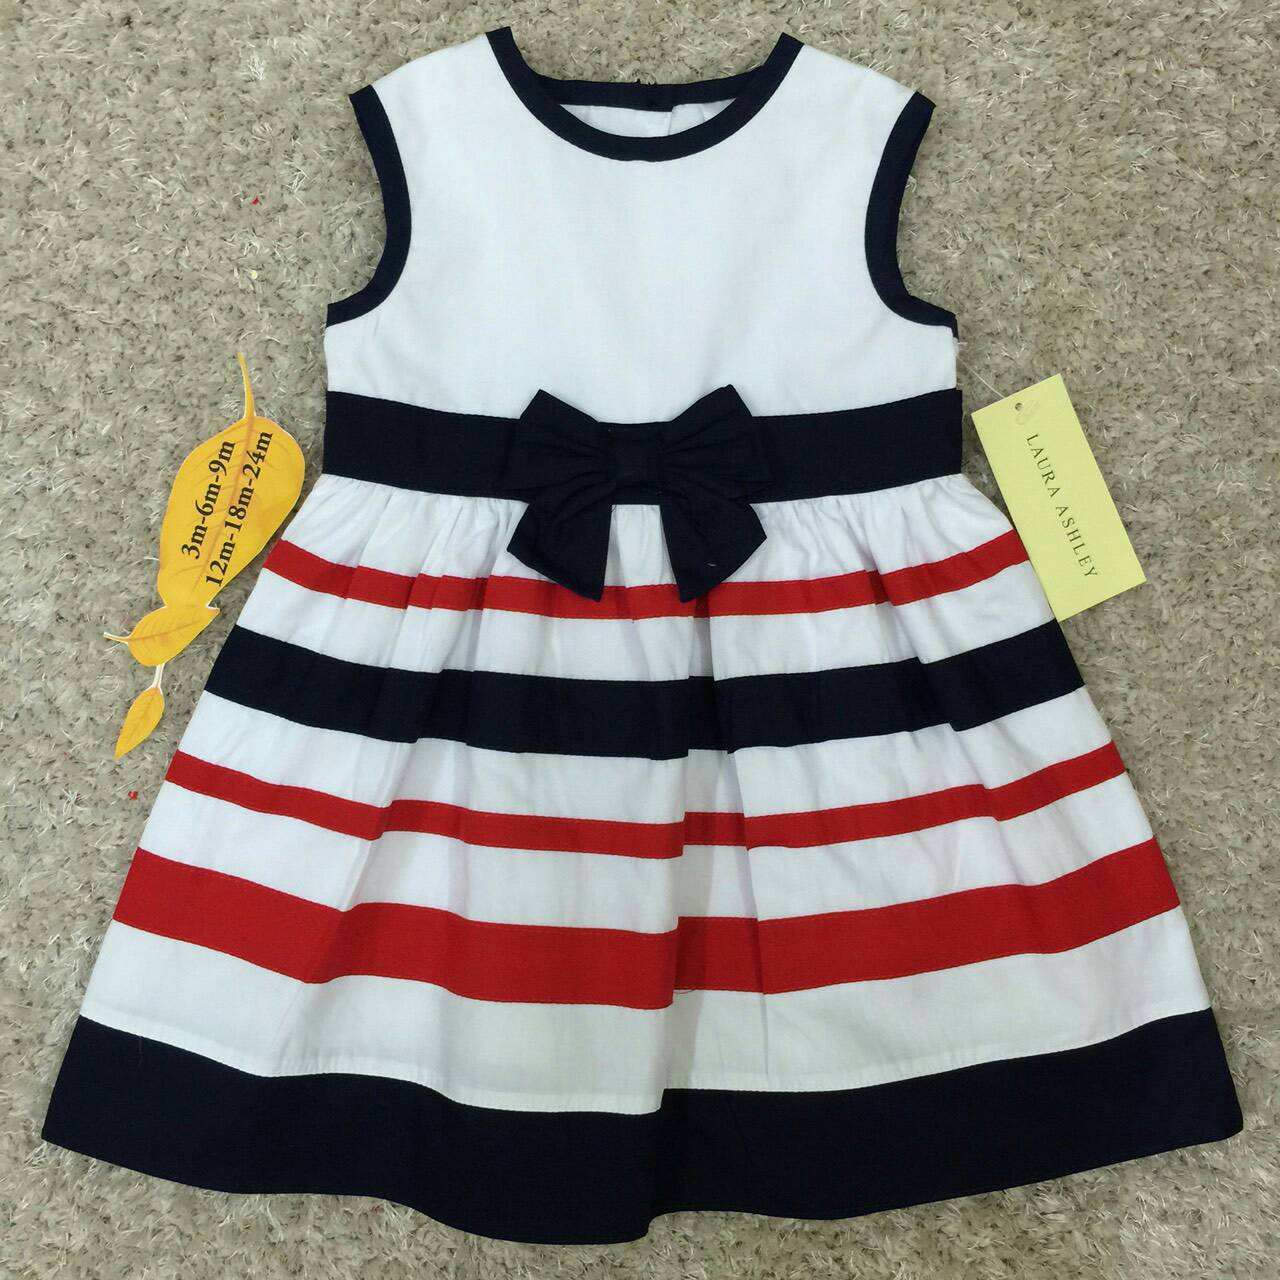 เสื้อผ้าเด็ก (พร้อมส่ง!!) 170460-25